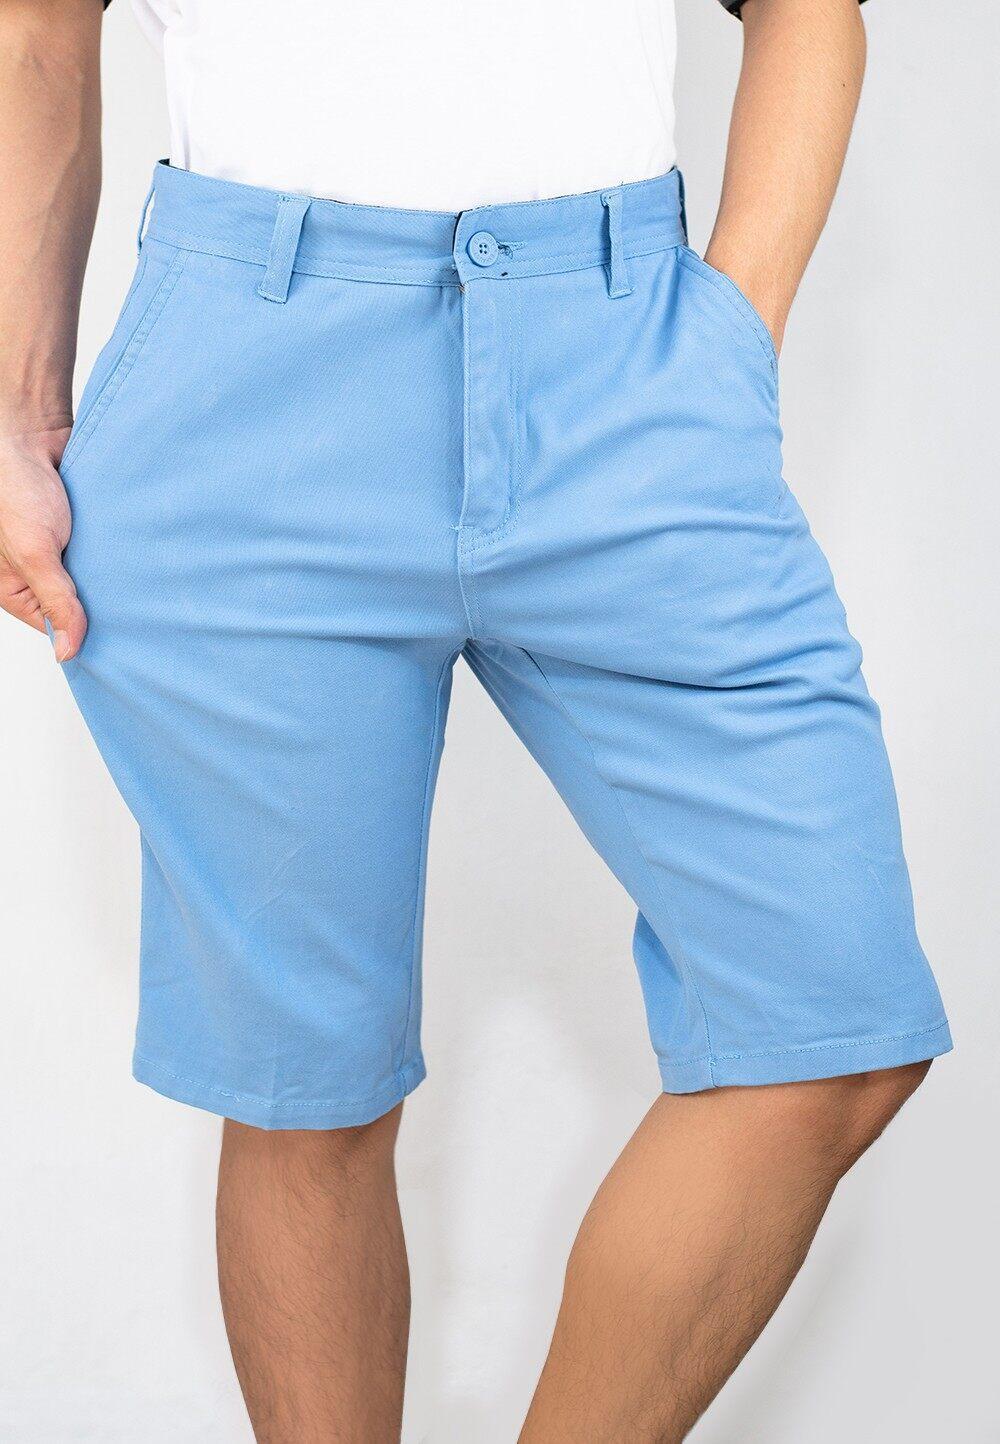 Colorful Chino Short Pants